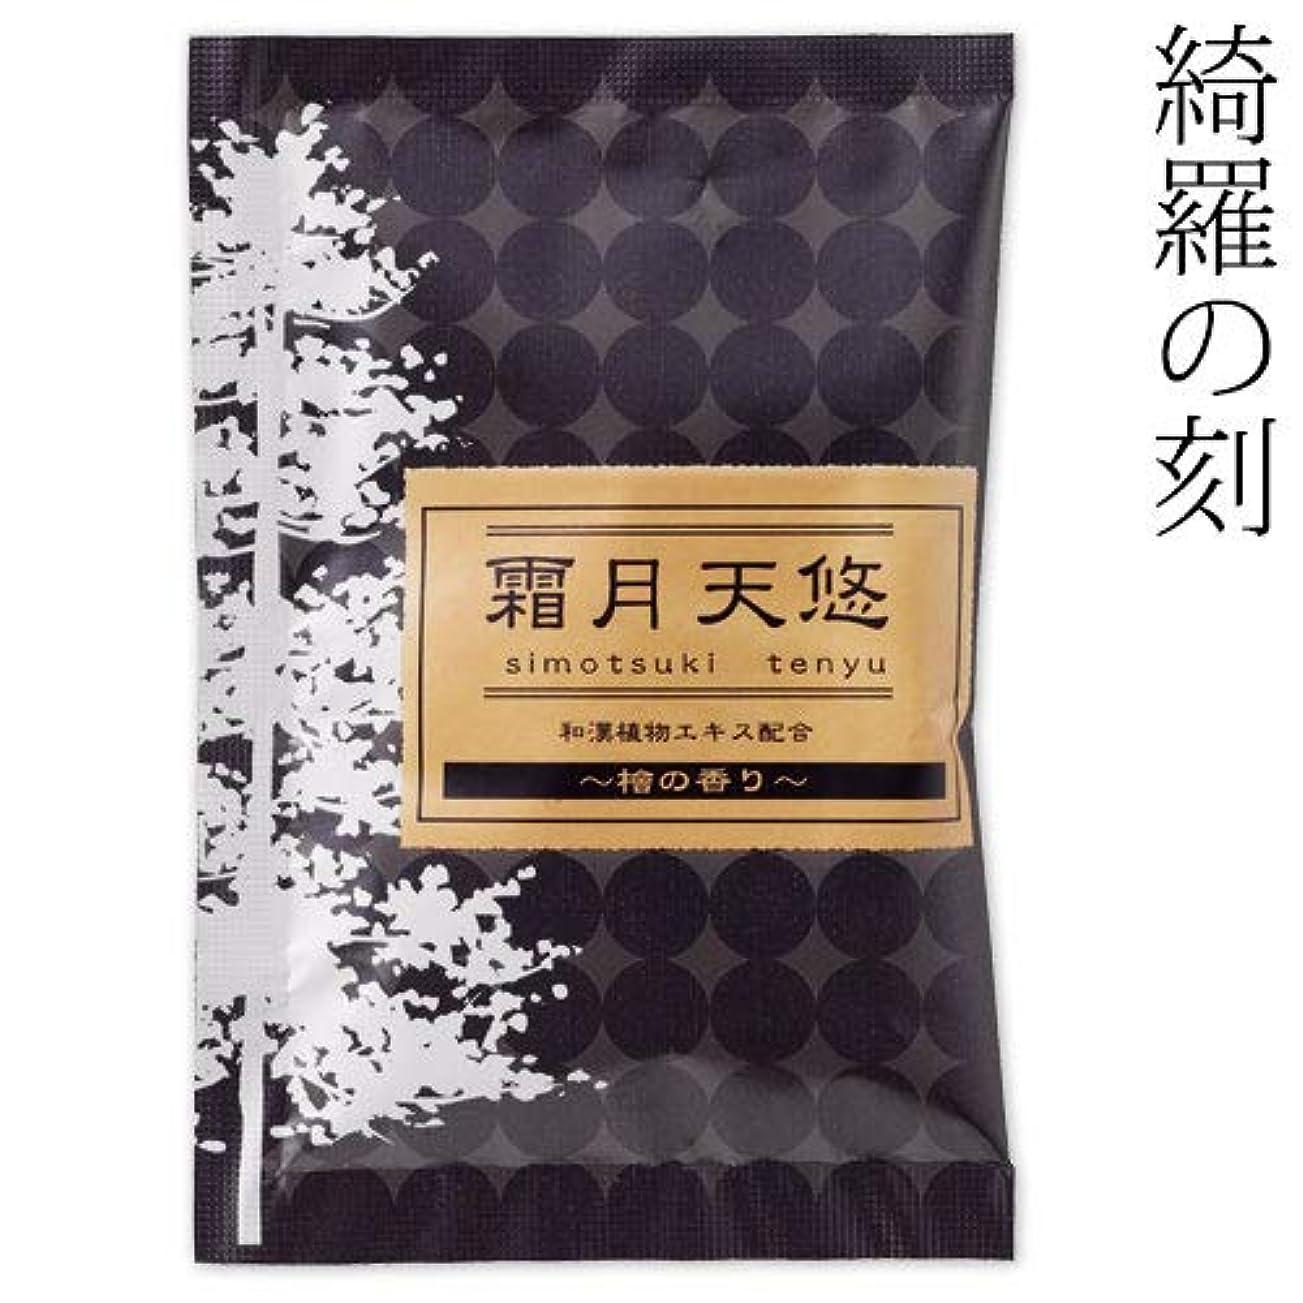 二度鉄銀入浴剤綺羅の刻檜の香り霜月天悠1包石川県のお風呂グッズBath additive, Ishikawa craft